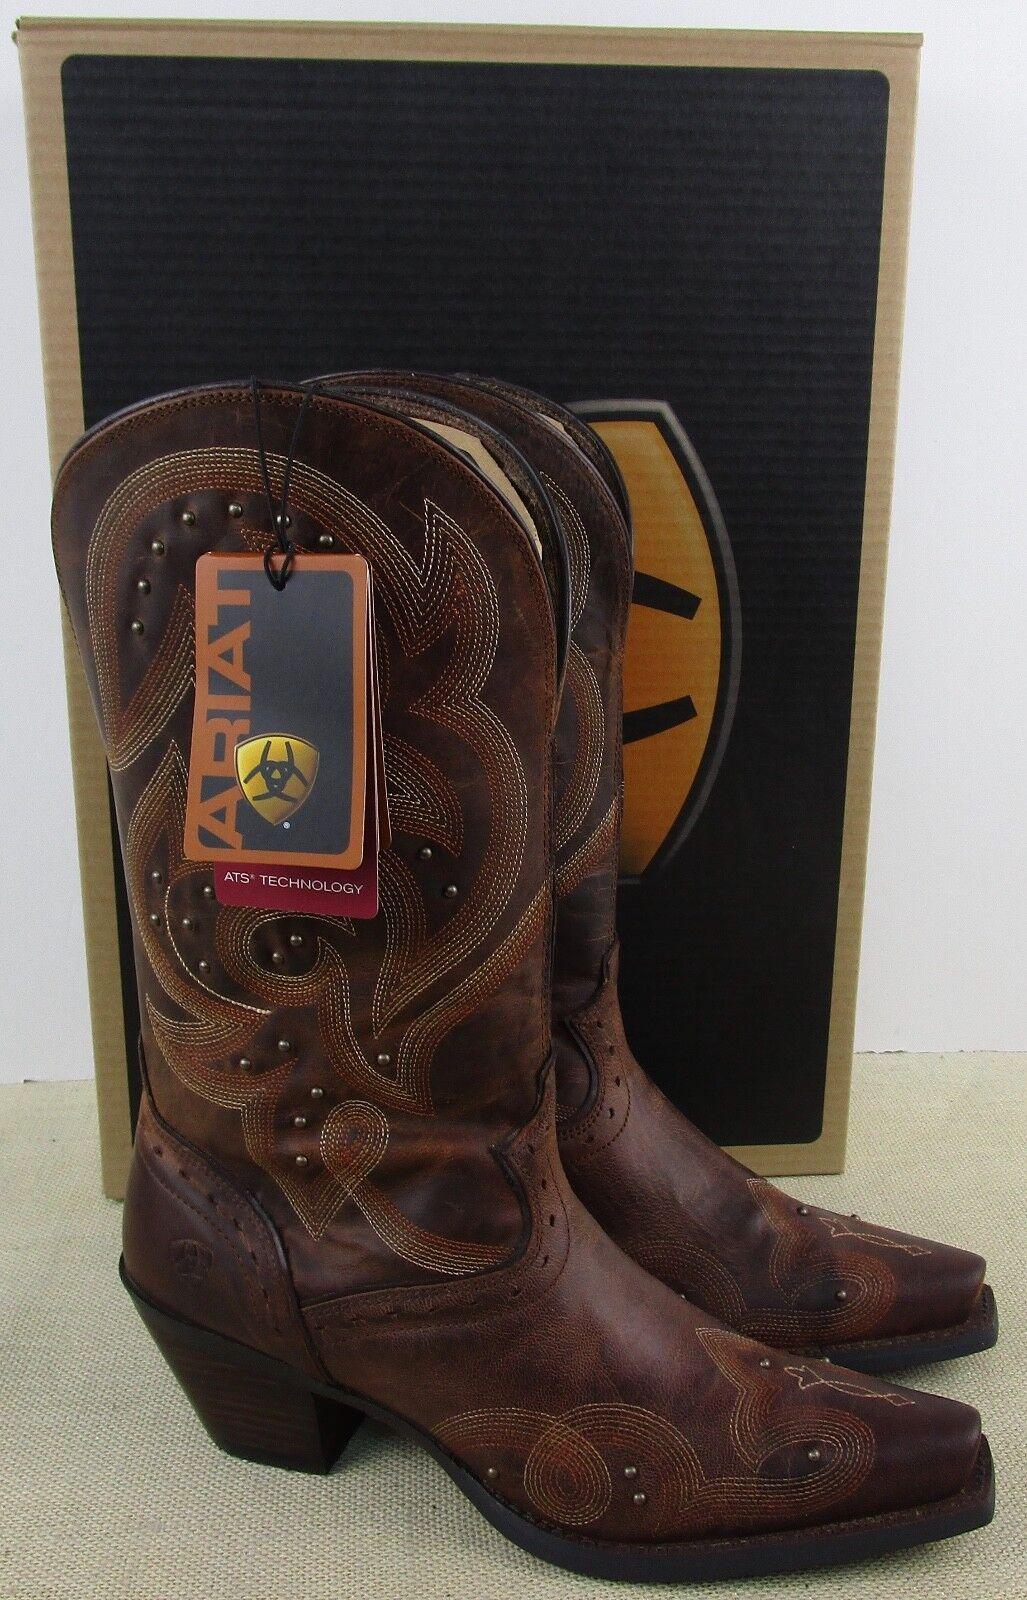 Ariat 10014134 MUJER Spellbound Cuero Marrón botas Cowboy Nuevo en Caja